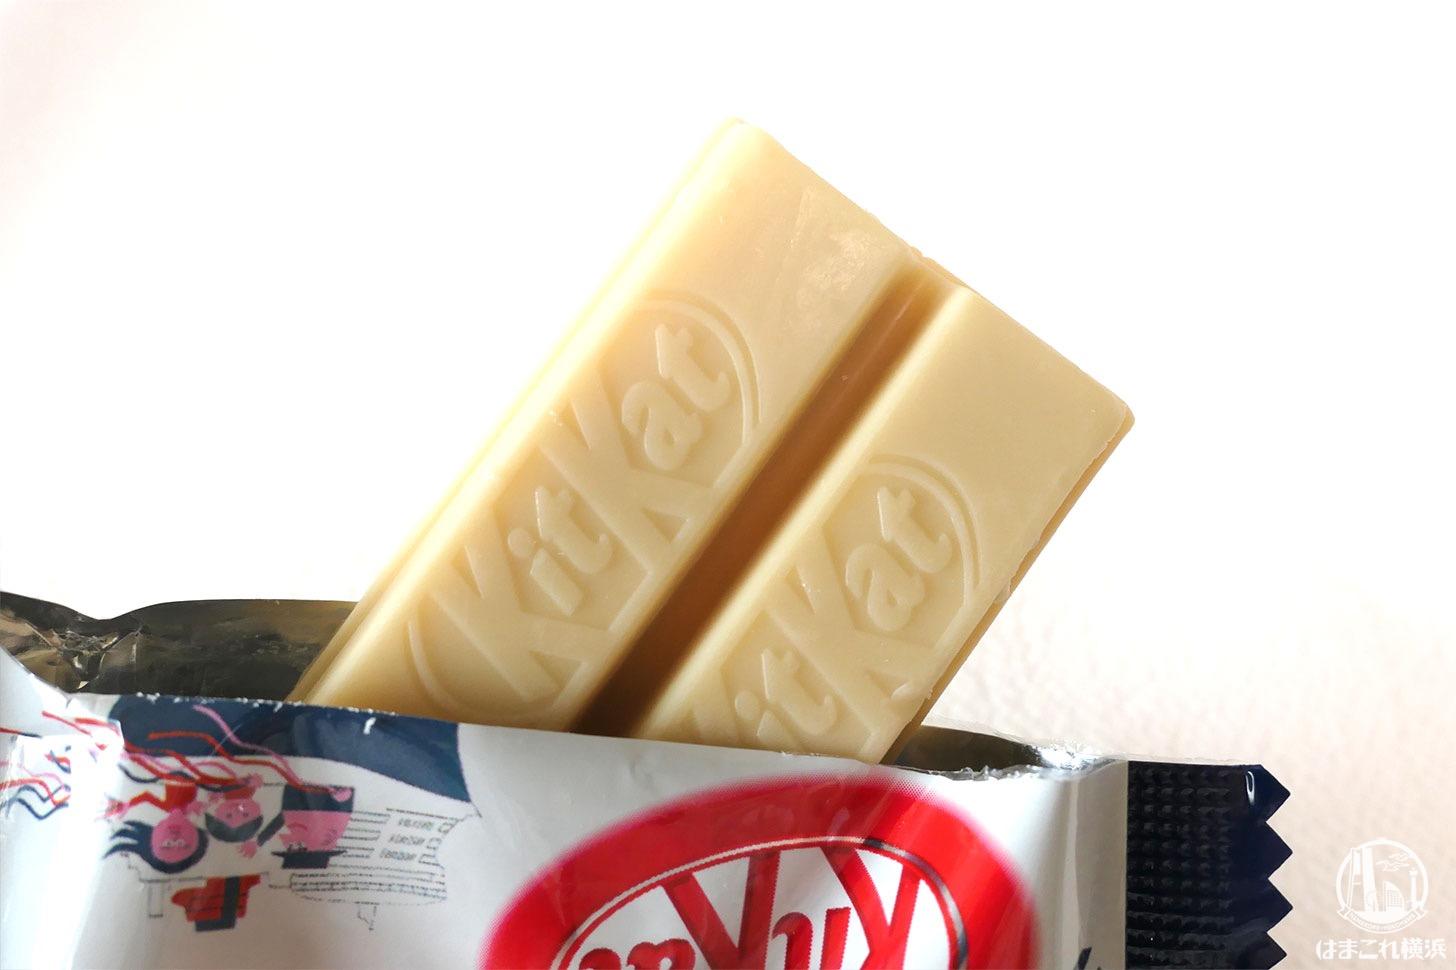 マロン風味のチョコレートでコーティングされたハーバーキットカット